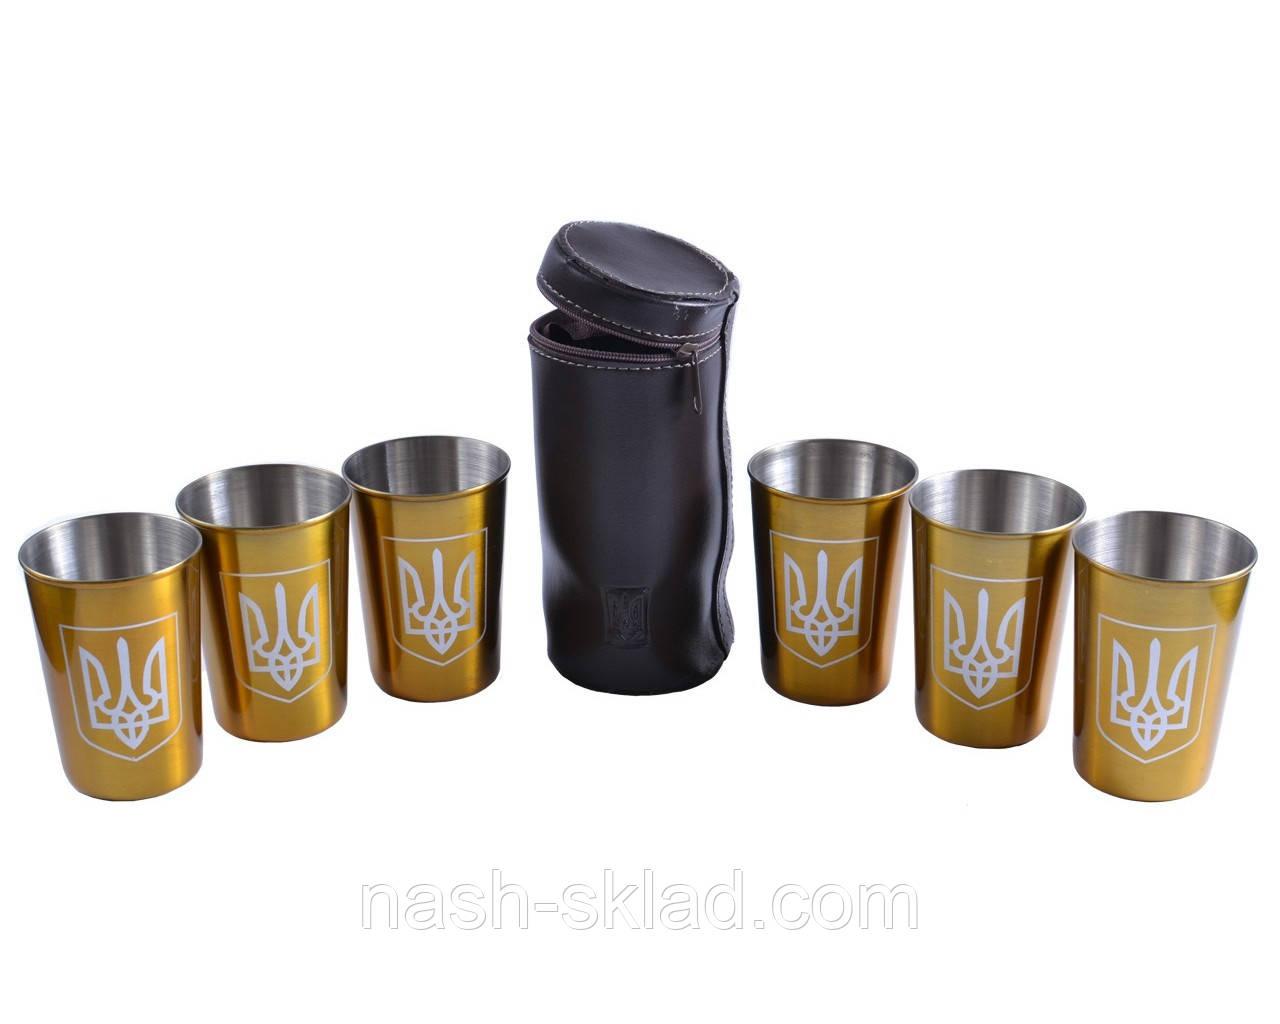 Рюмки золотые из нержавеющей стали в кожаном чехле Украина, 6 шт